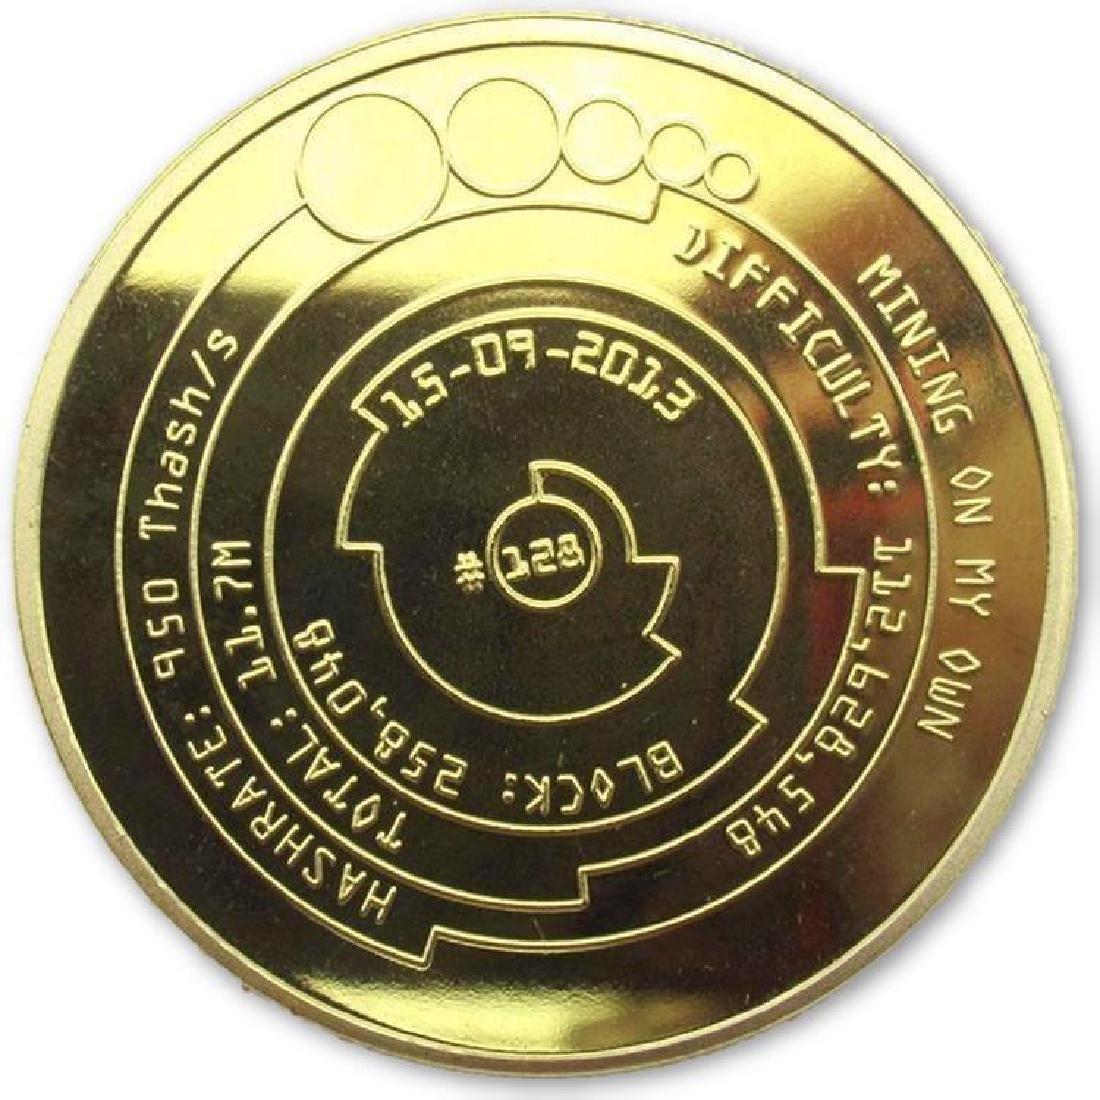 Bitcoin Mining Gold Clad Collectible Coin - 2